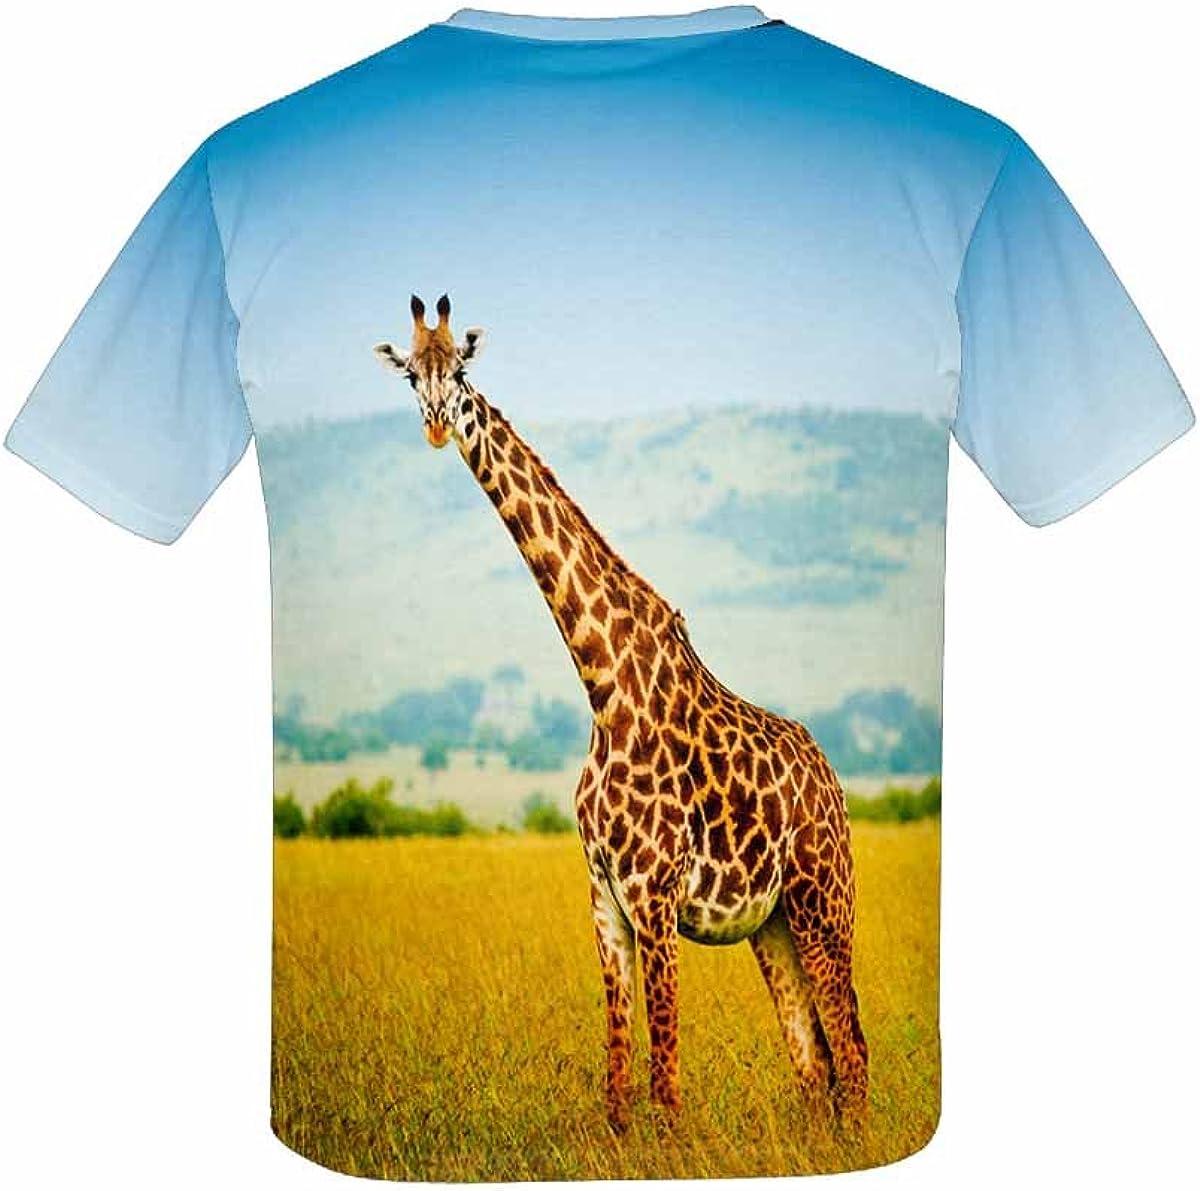 XS-XL INTERESTPRINT Giraffe in The Grassland Kids T-Shirt